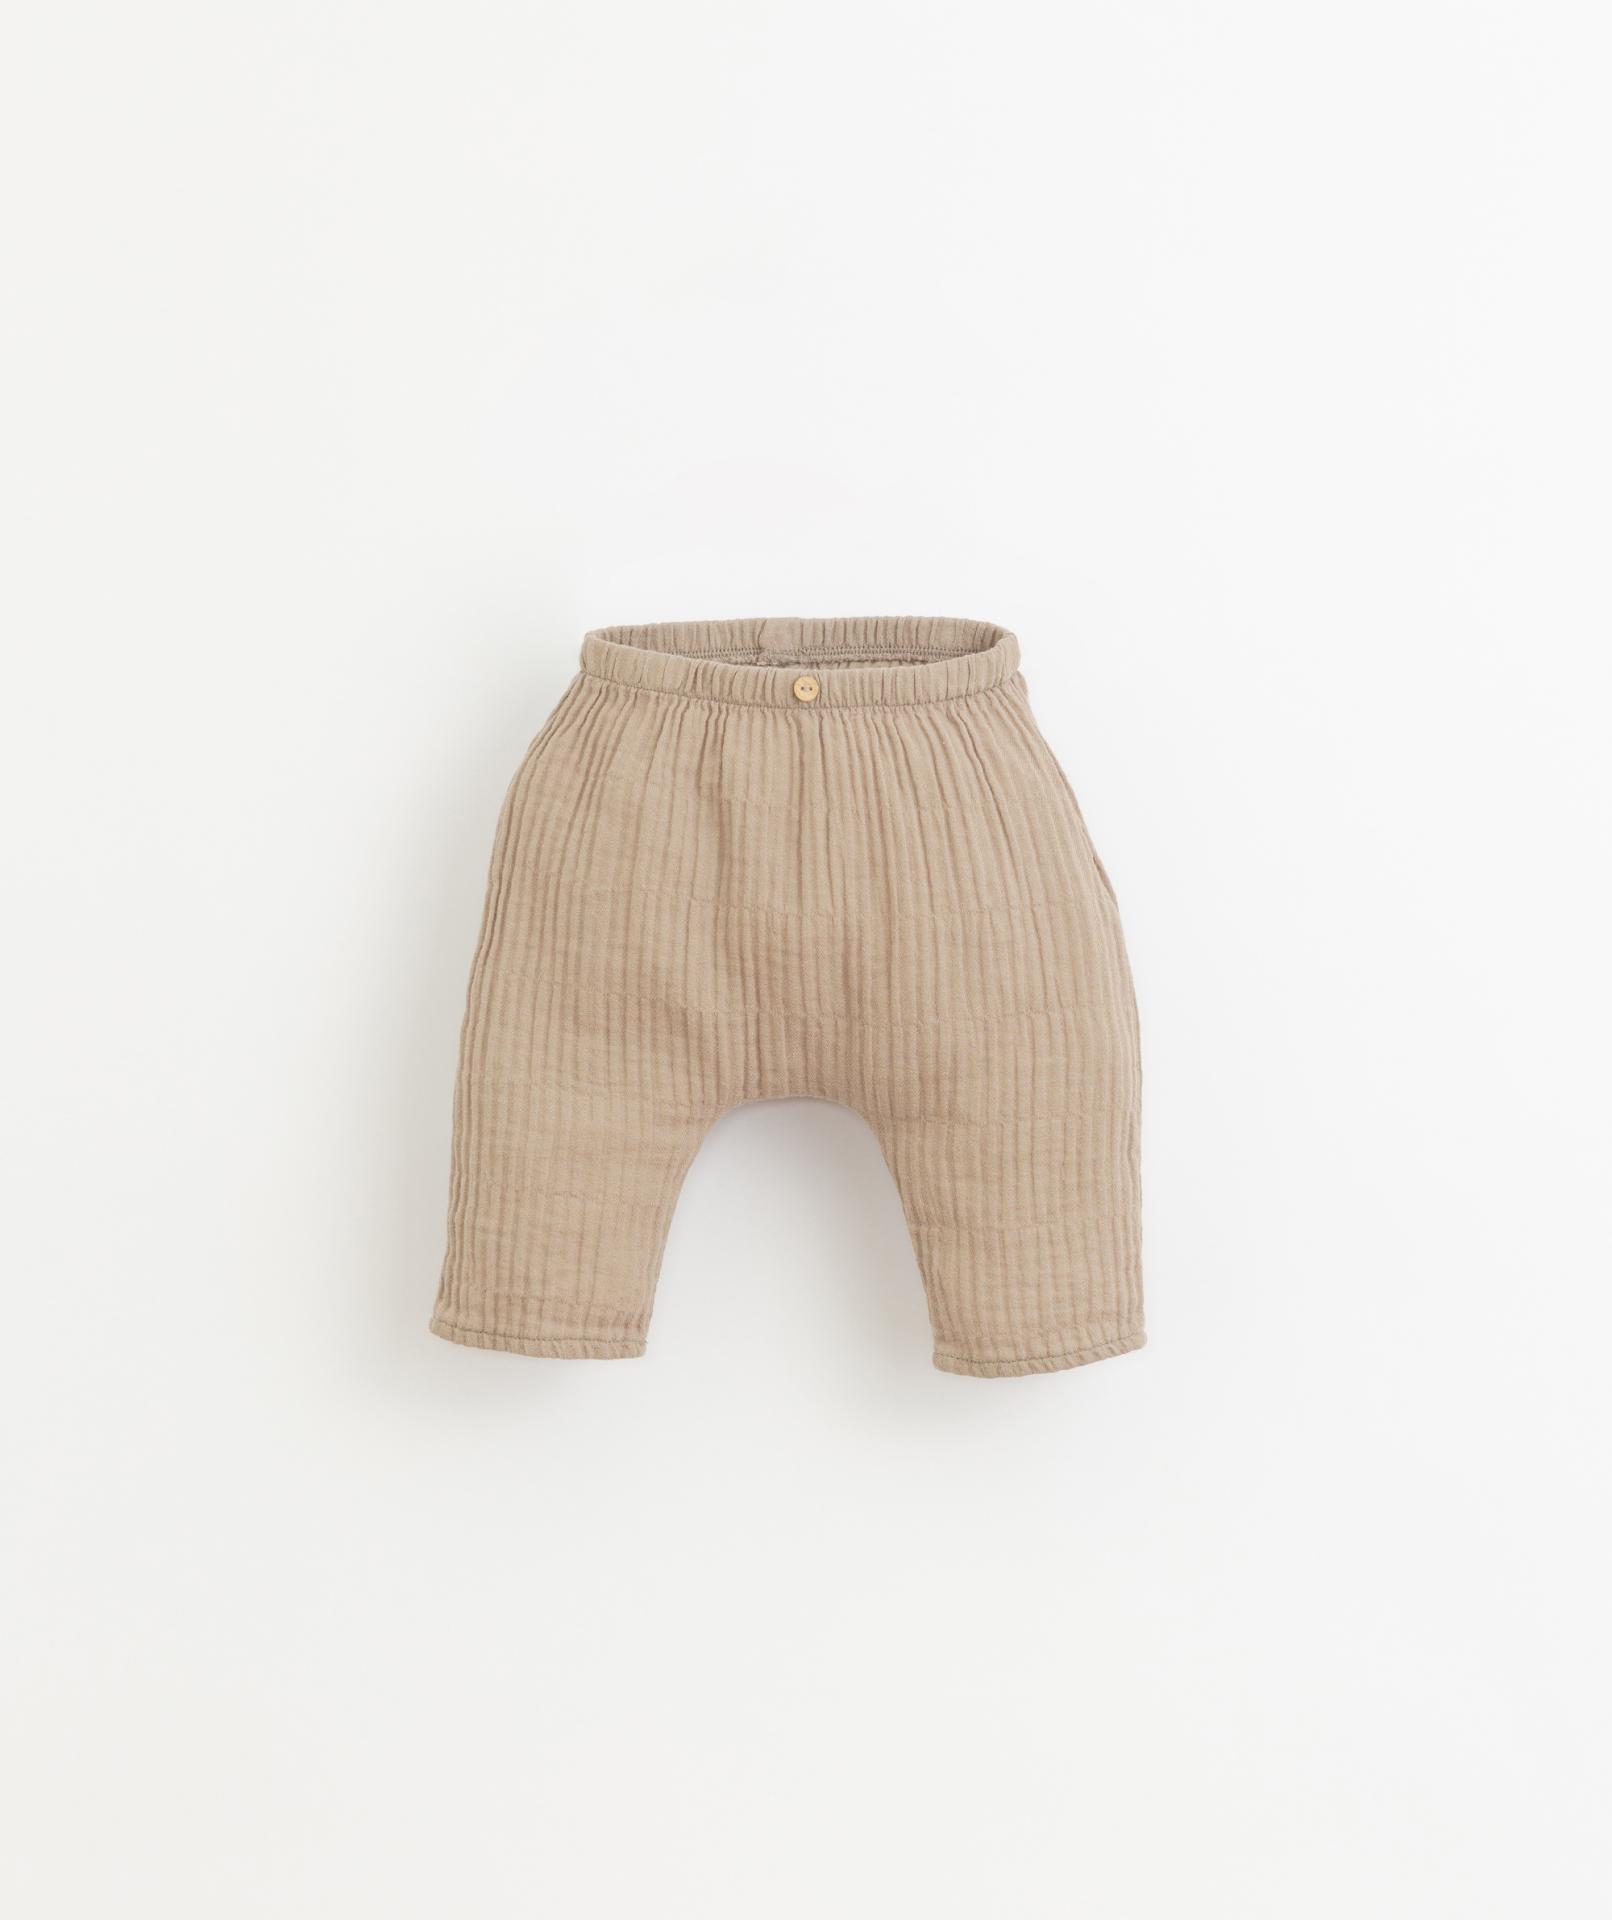 Pantalón Bambula Play Up